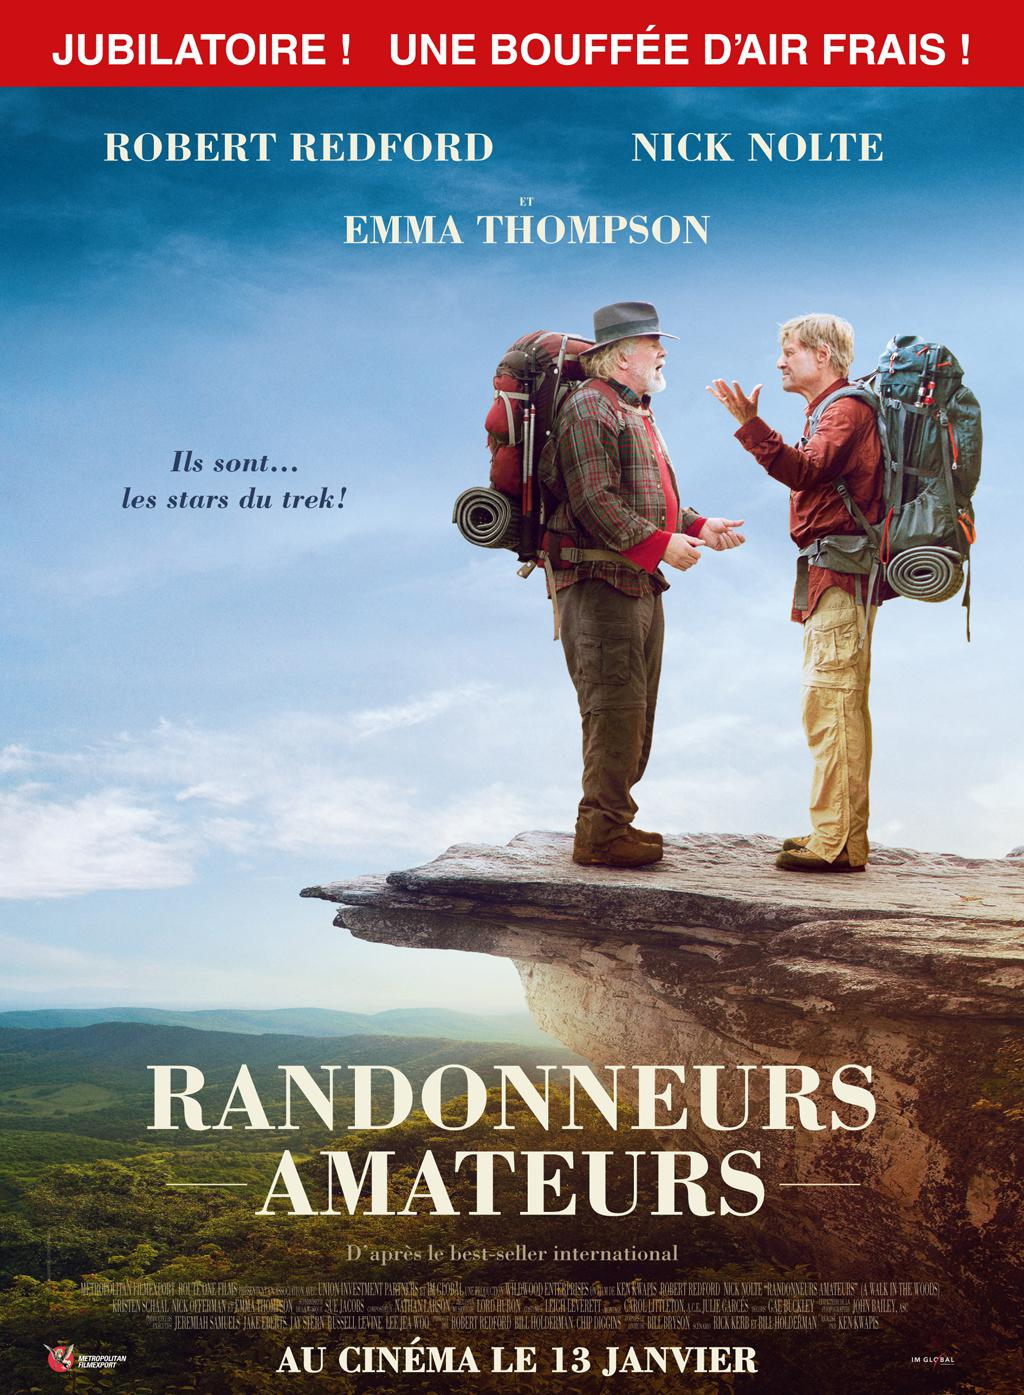 Randonneurs Amateurs (2016, Film, 1h 44min) - CinéSéries b0c3e9337e7c